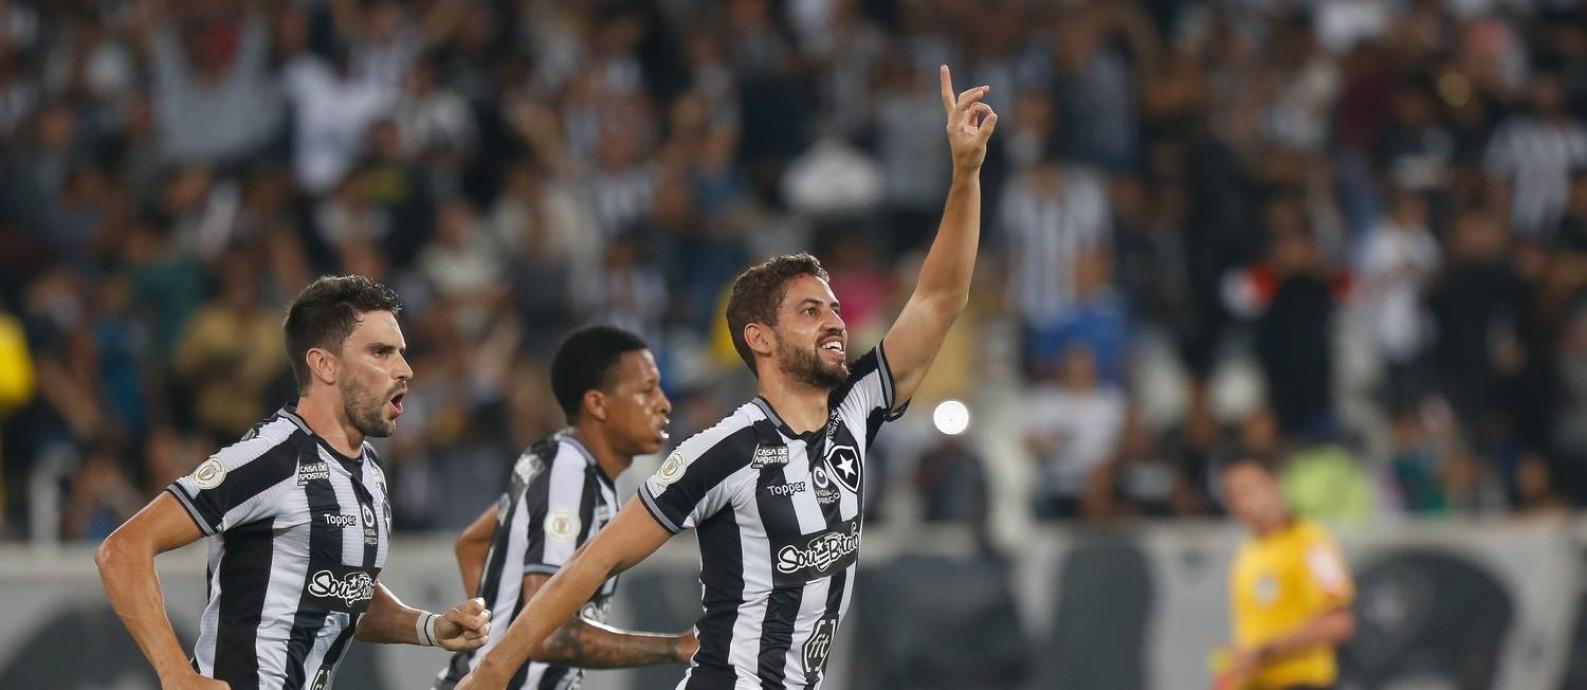 Gabriel celebra o primeiro gol do Botafogo sobre o Goiás Foto: Marcelo Regua